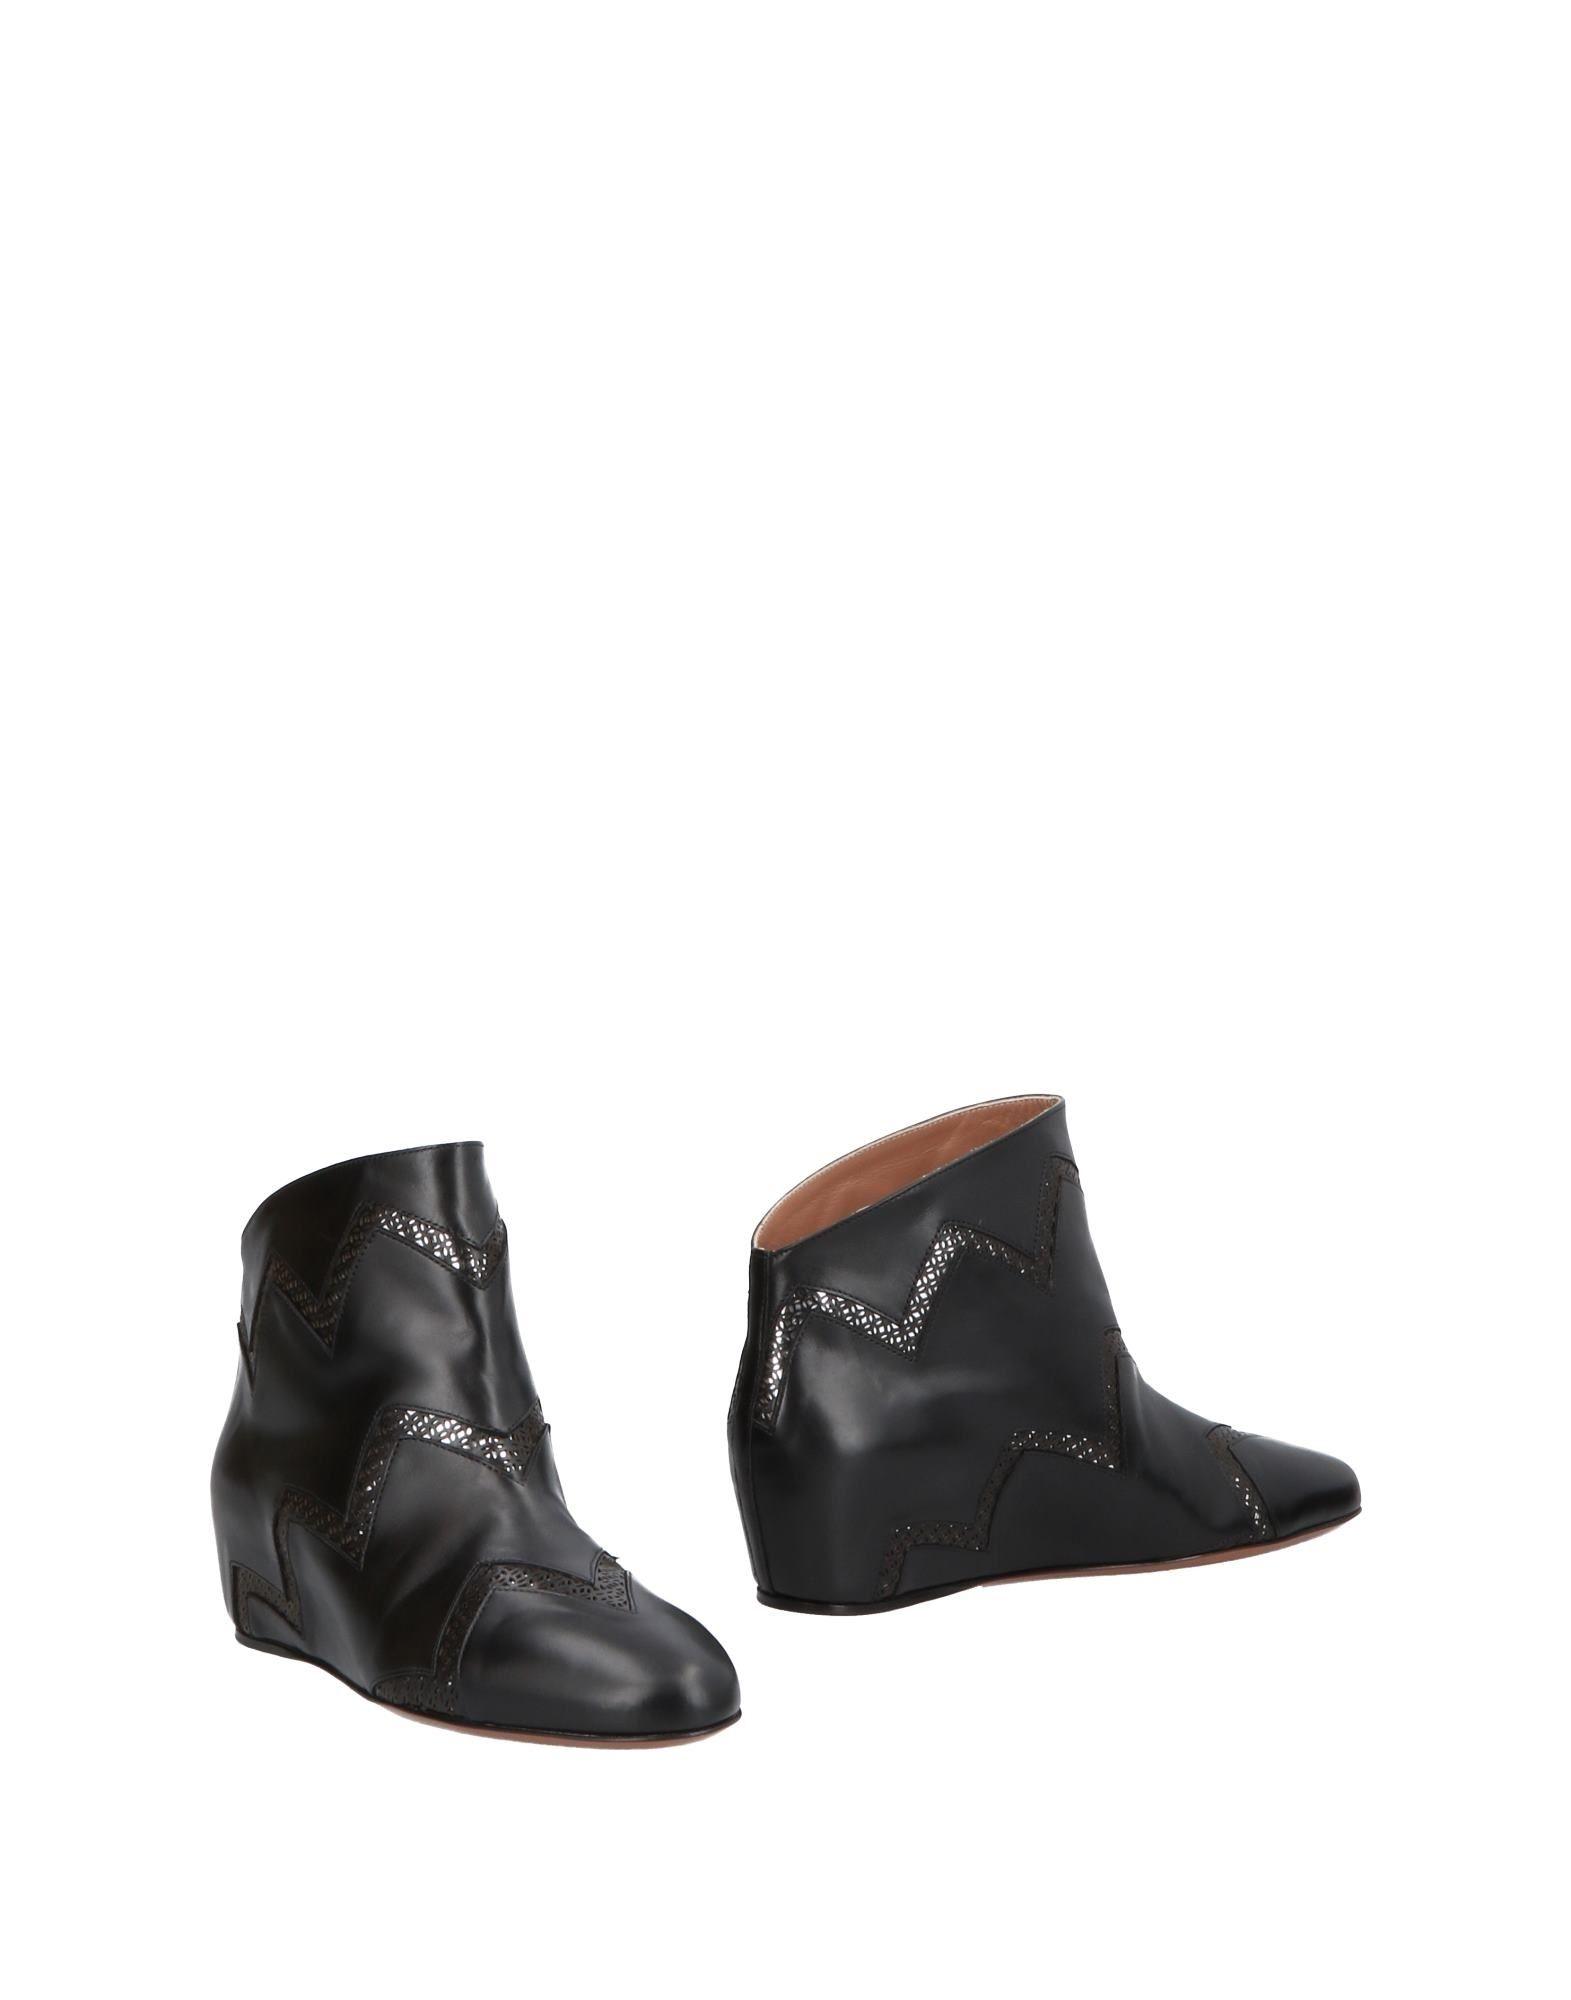 Alaïa Stiefelette Damen  11503163KJGünstige gut aussehende Schuhe